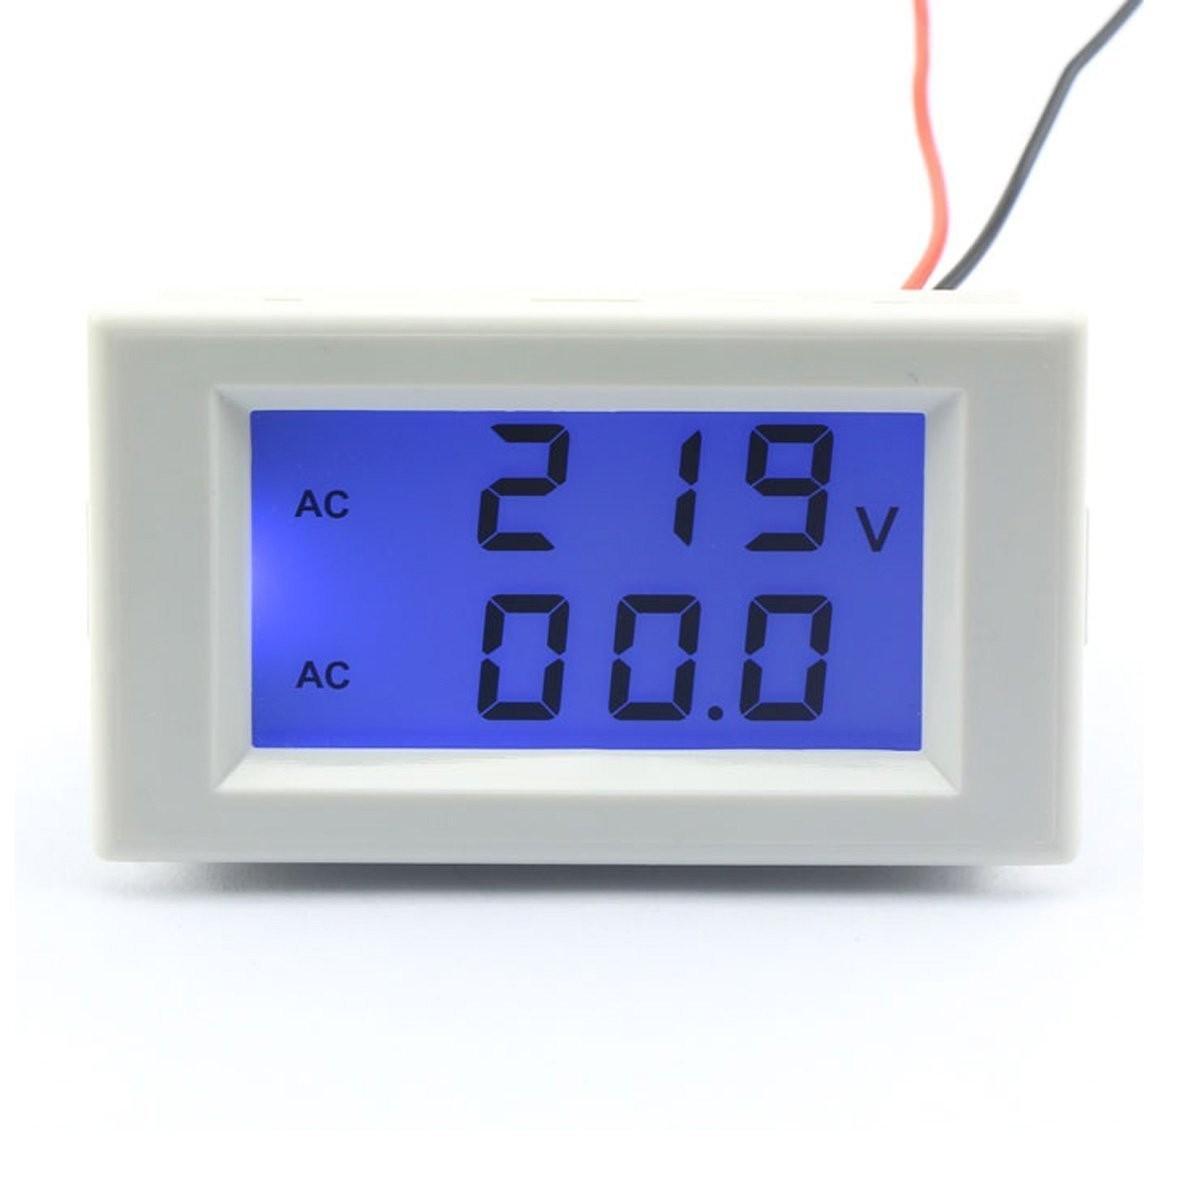 Riorand Digital Lcd Display Voltmeter Amperemeter Ac 110v 220v 100 Ammeter Panel Amp Volt Meter 100a 100v 300v Voltage Gauge Current Measurement Sense Resistor Zoom